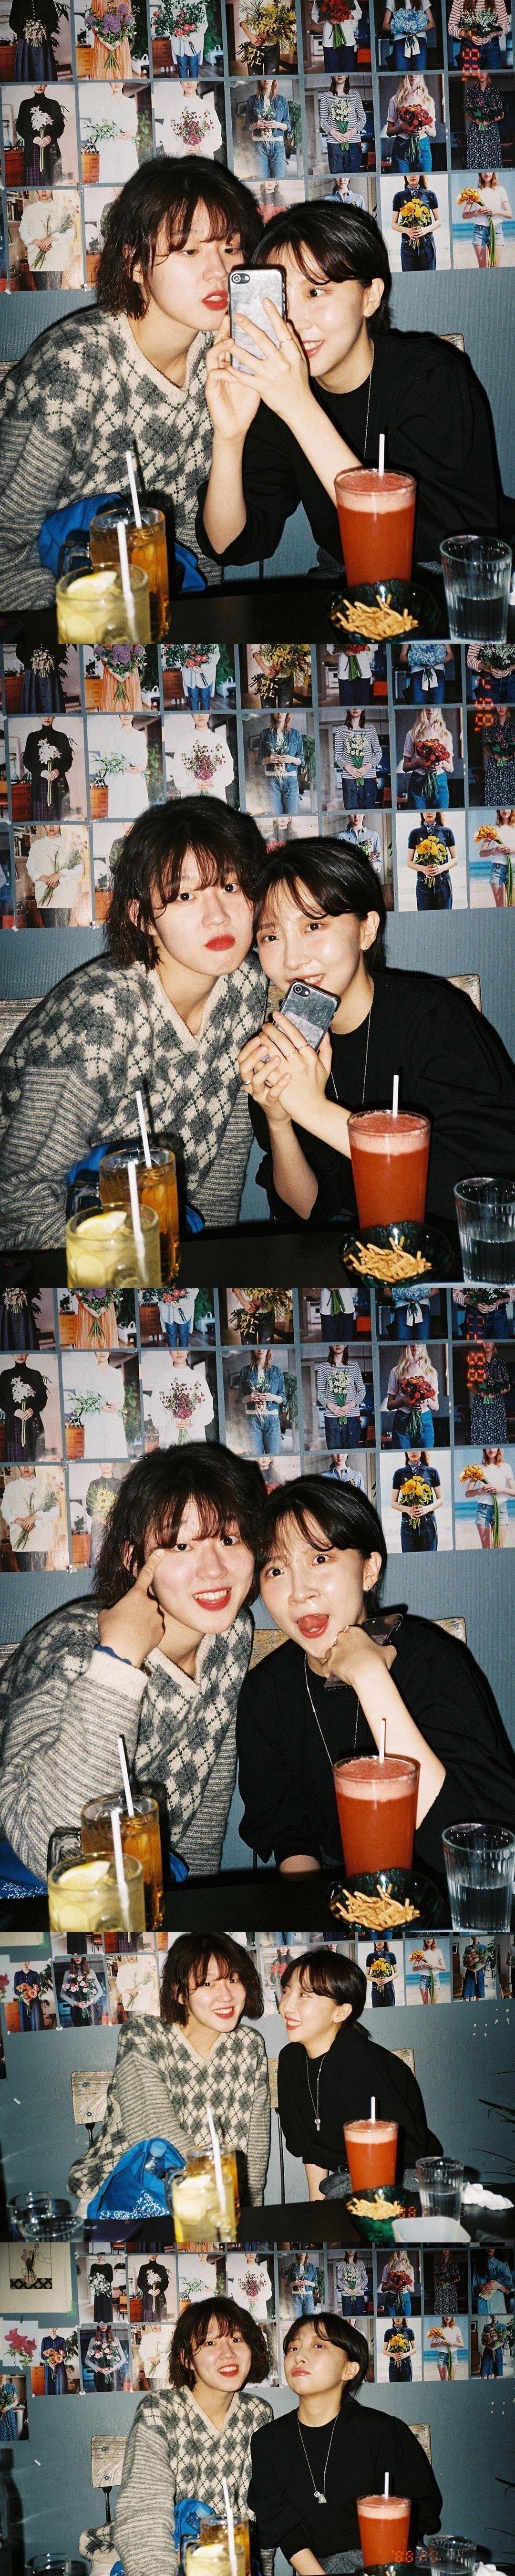 赵丽颖新浪微博,据说2009年10月24